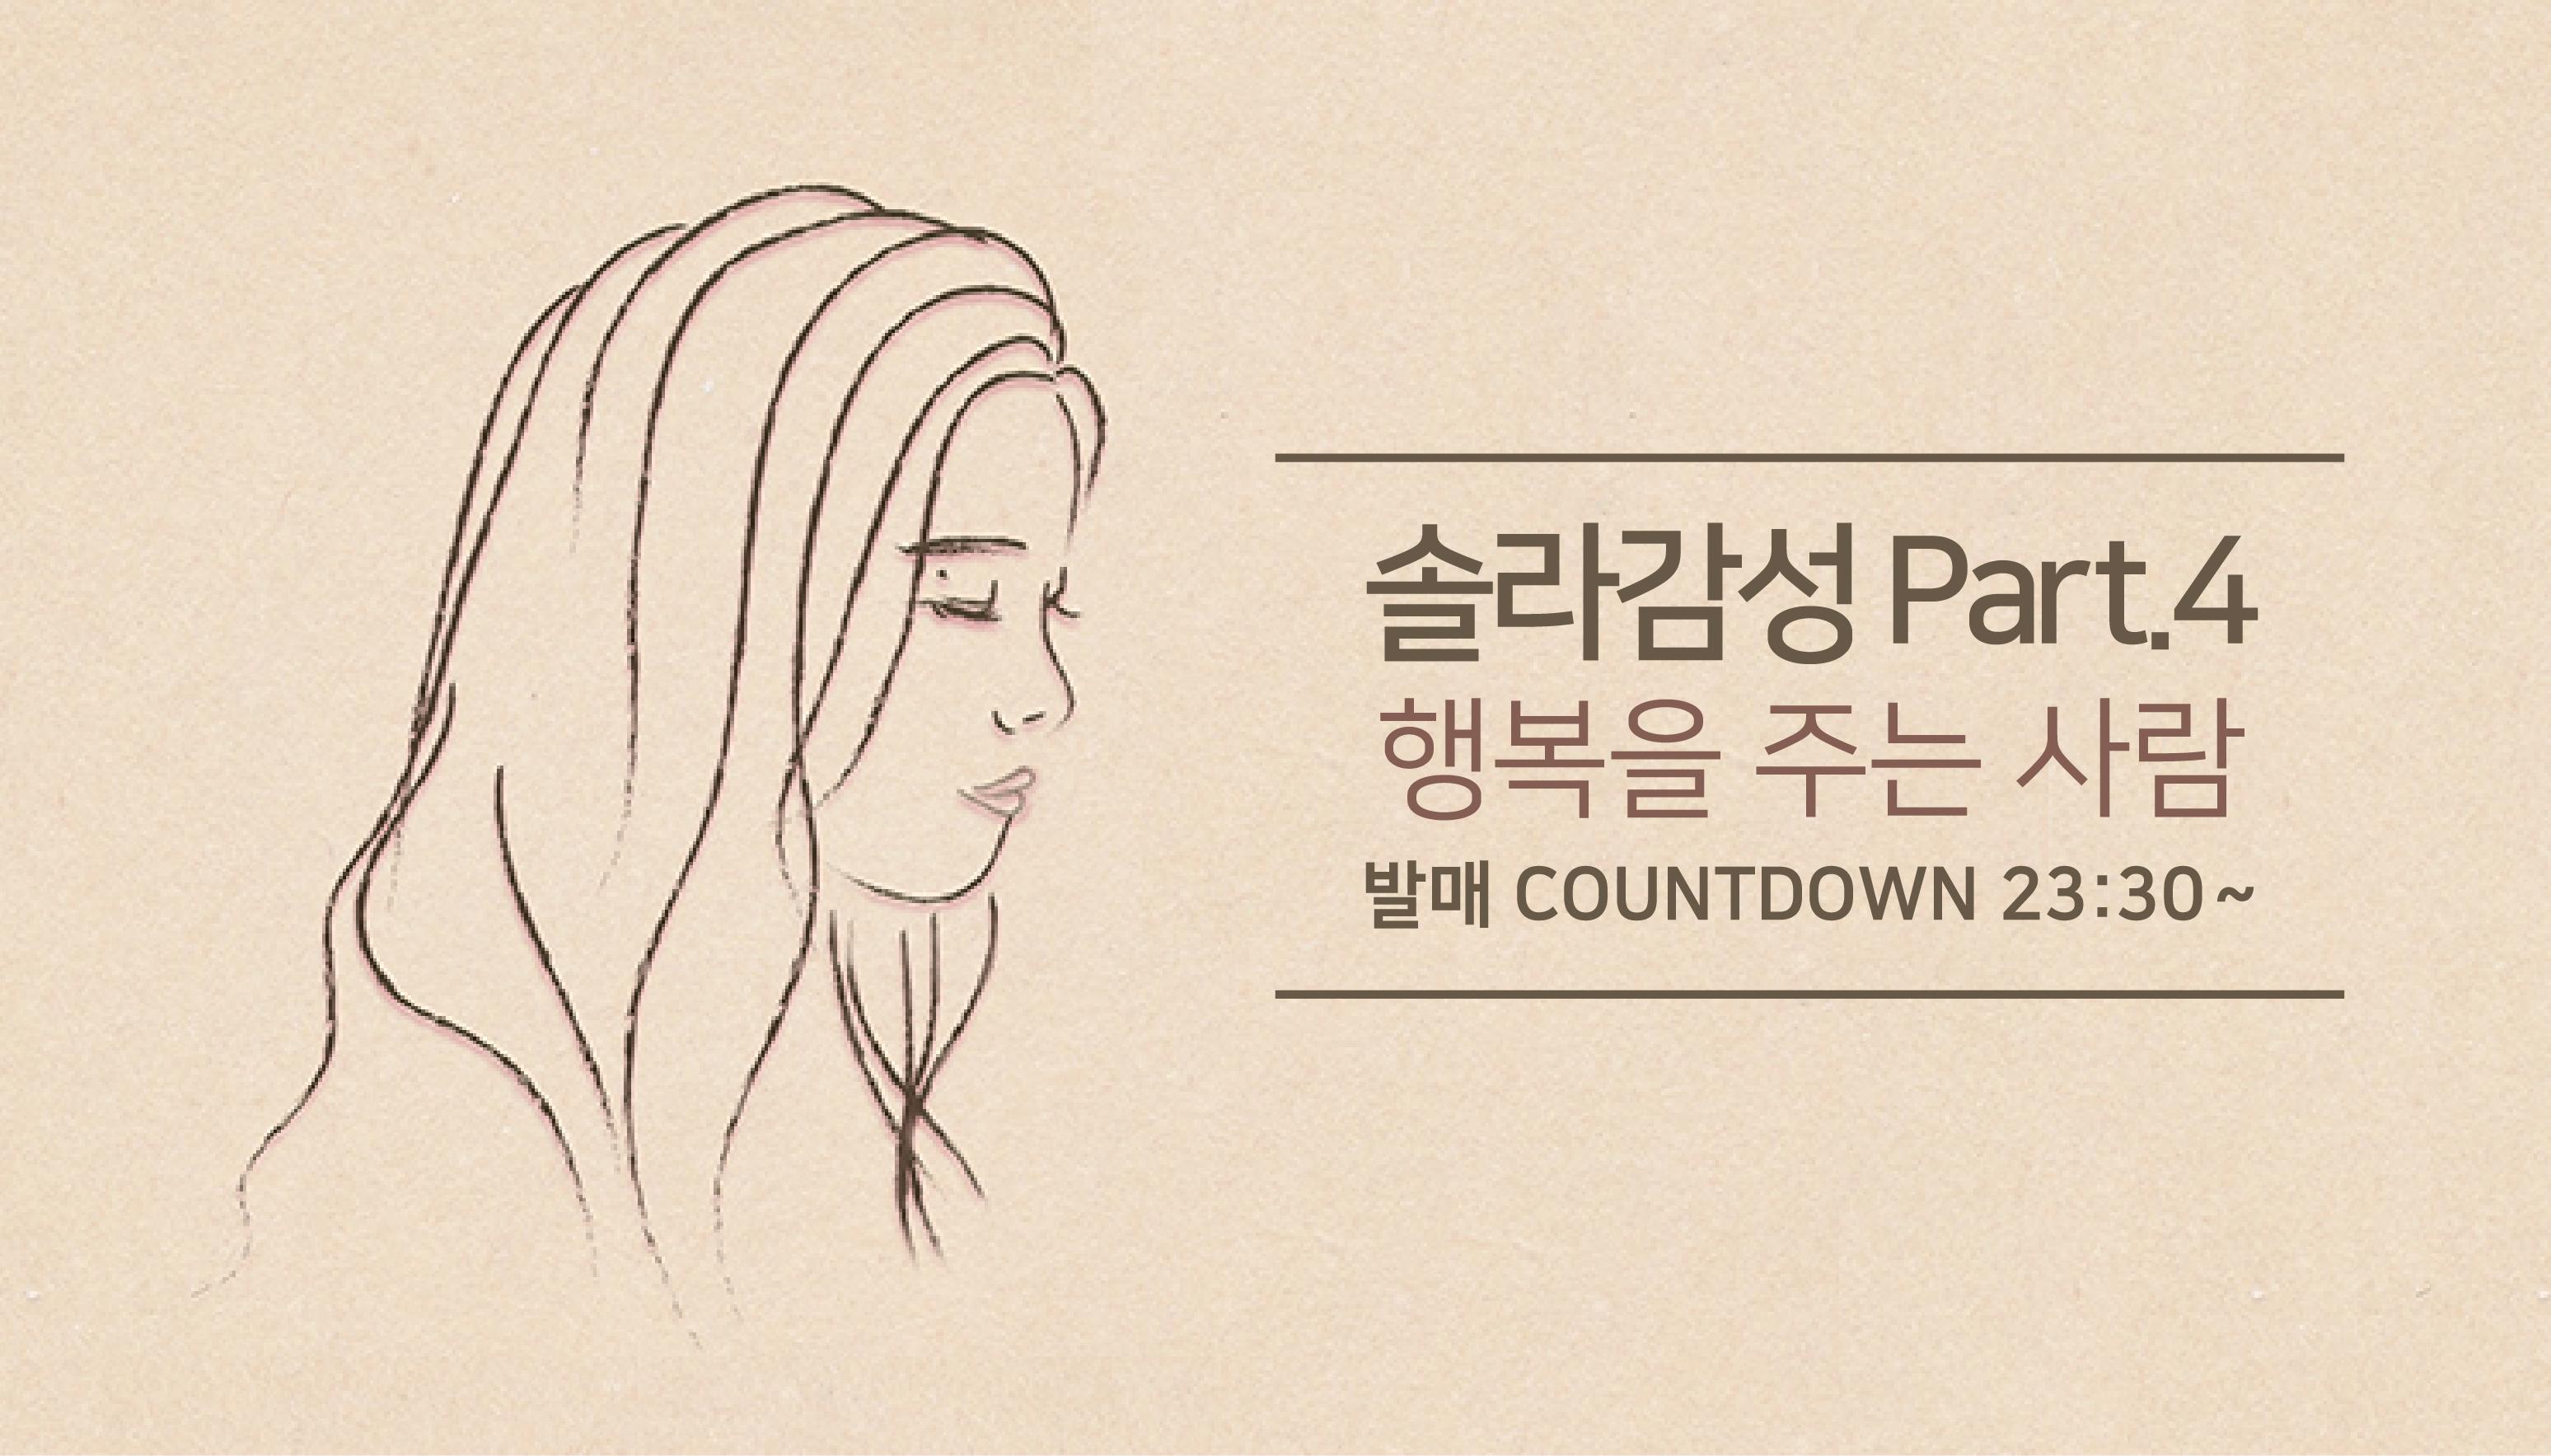 솔라 감성 Part4. 발매 COUNTDOWN!